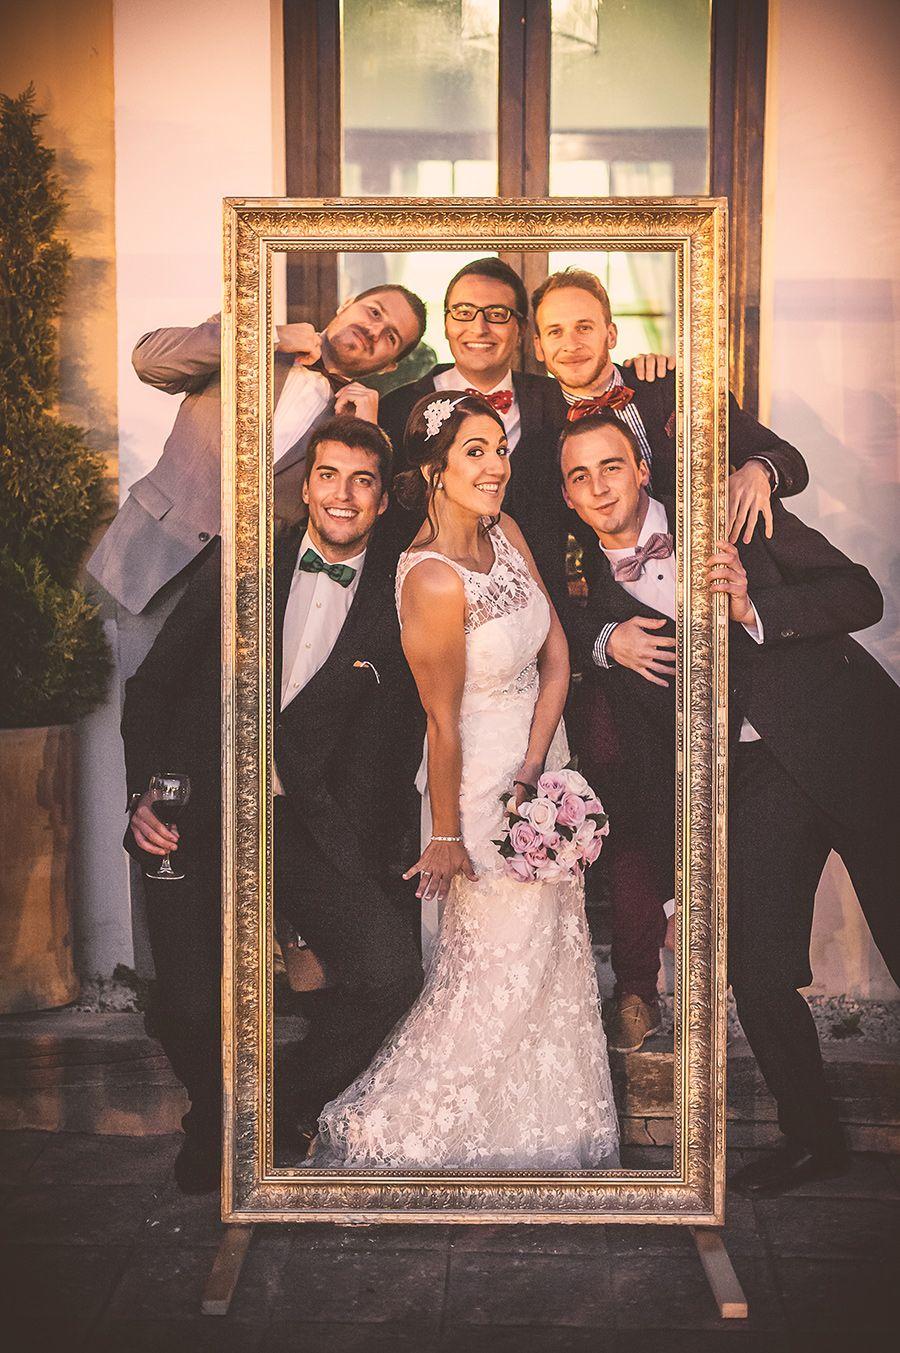 El triunfador de la noche | Wedding Photos | Pinterest | Boda, Canas ...